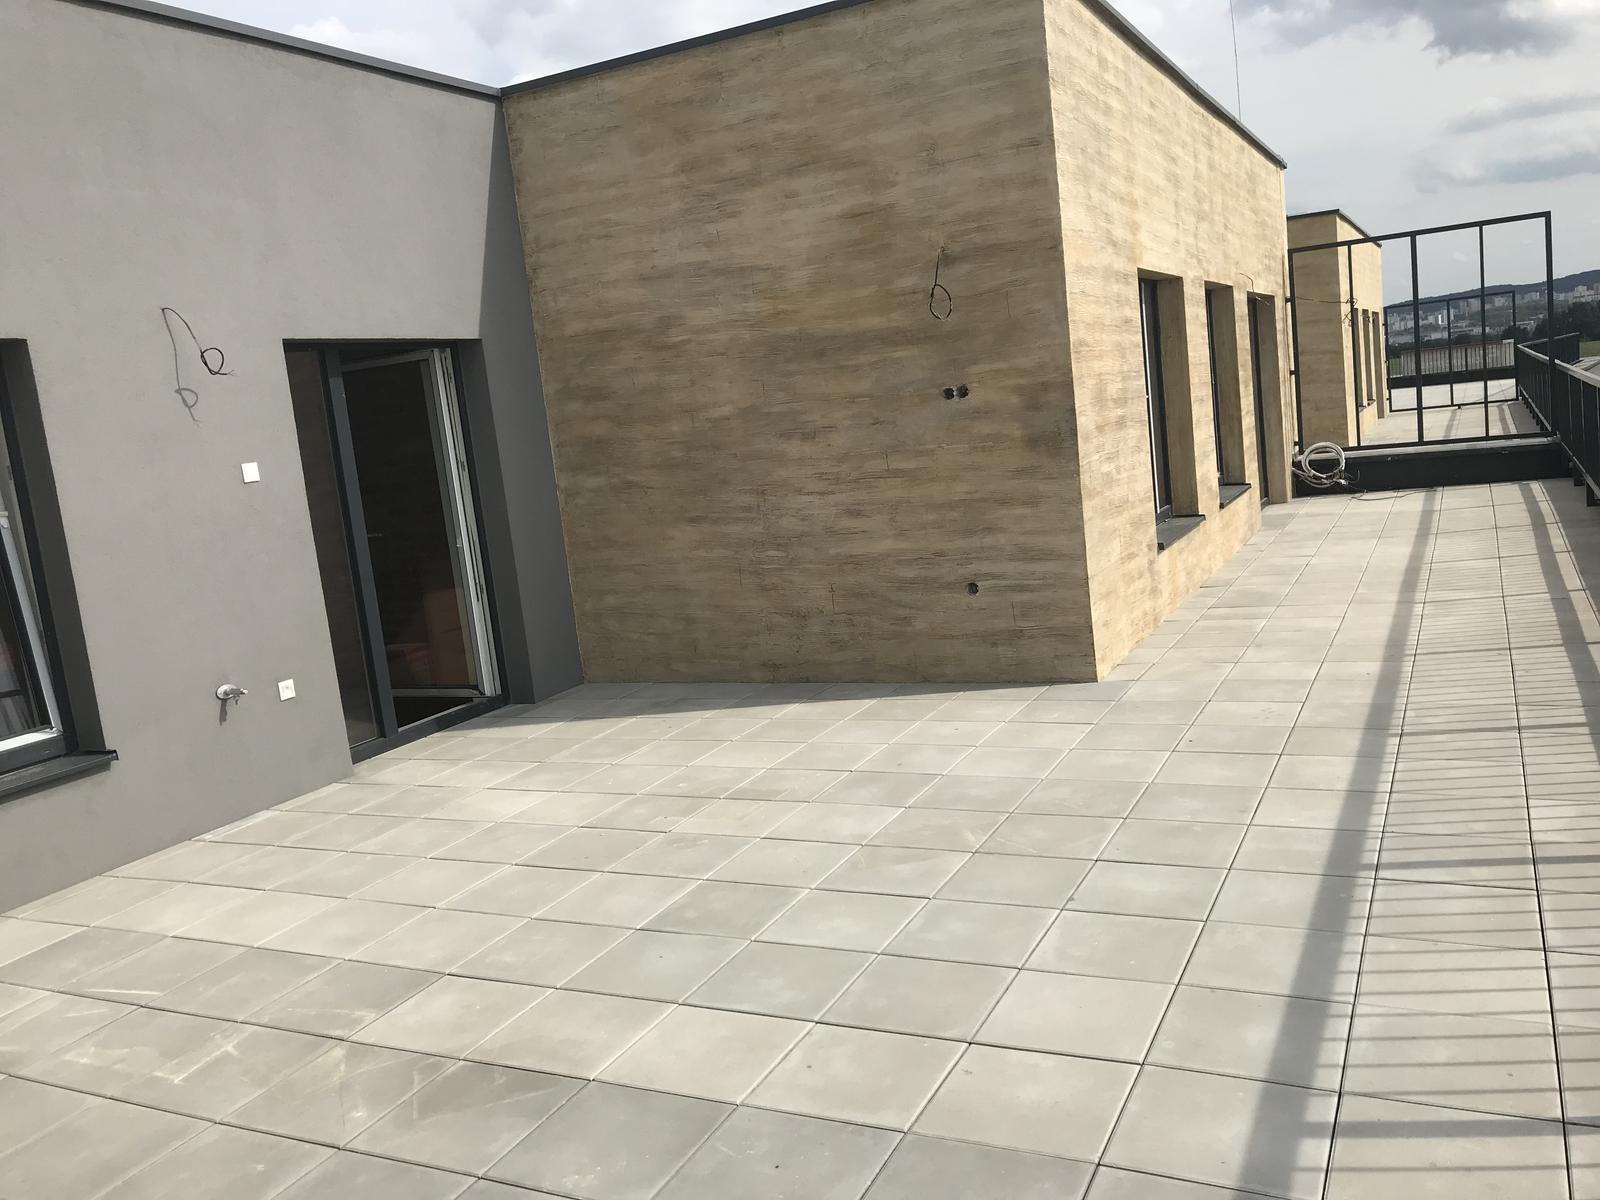 Náš bytík na streche - Naša terasa